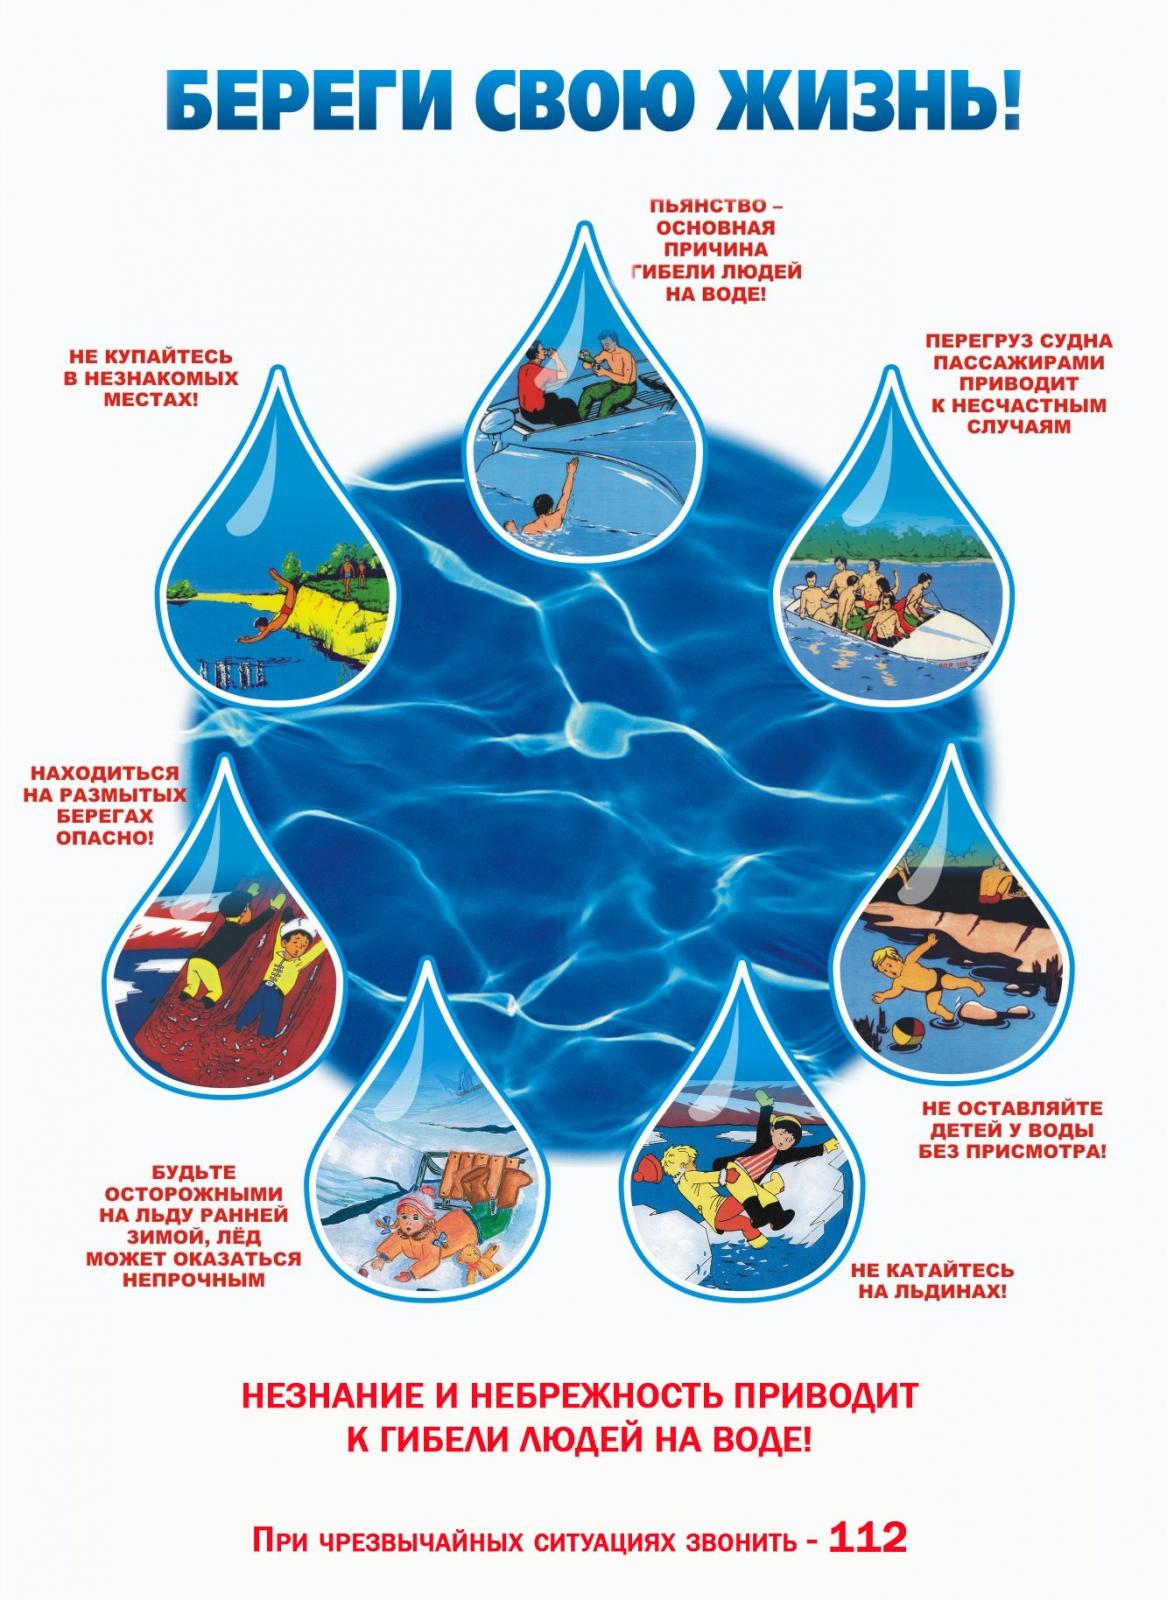 Памятки и плакаты по безопасности на воде